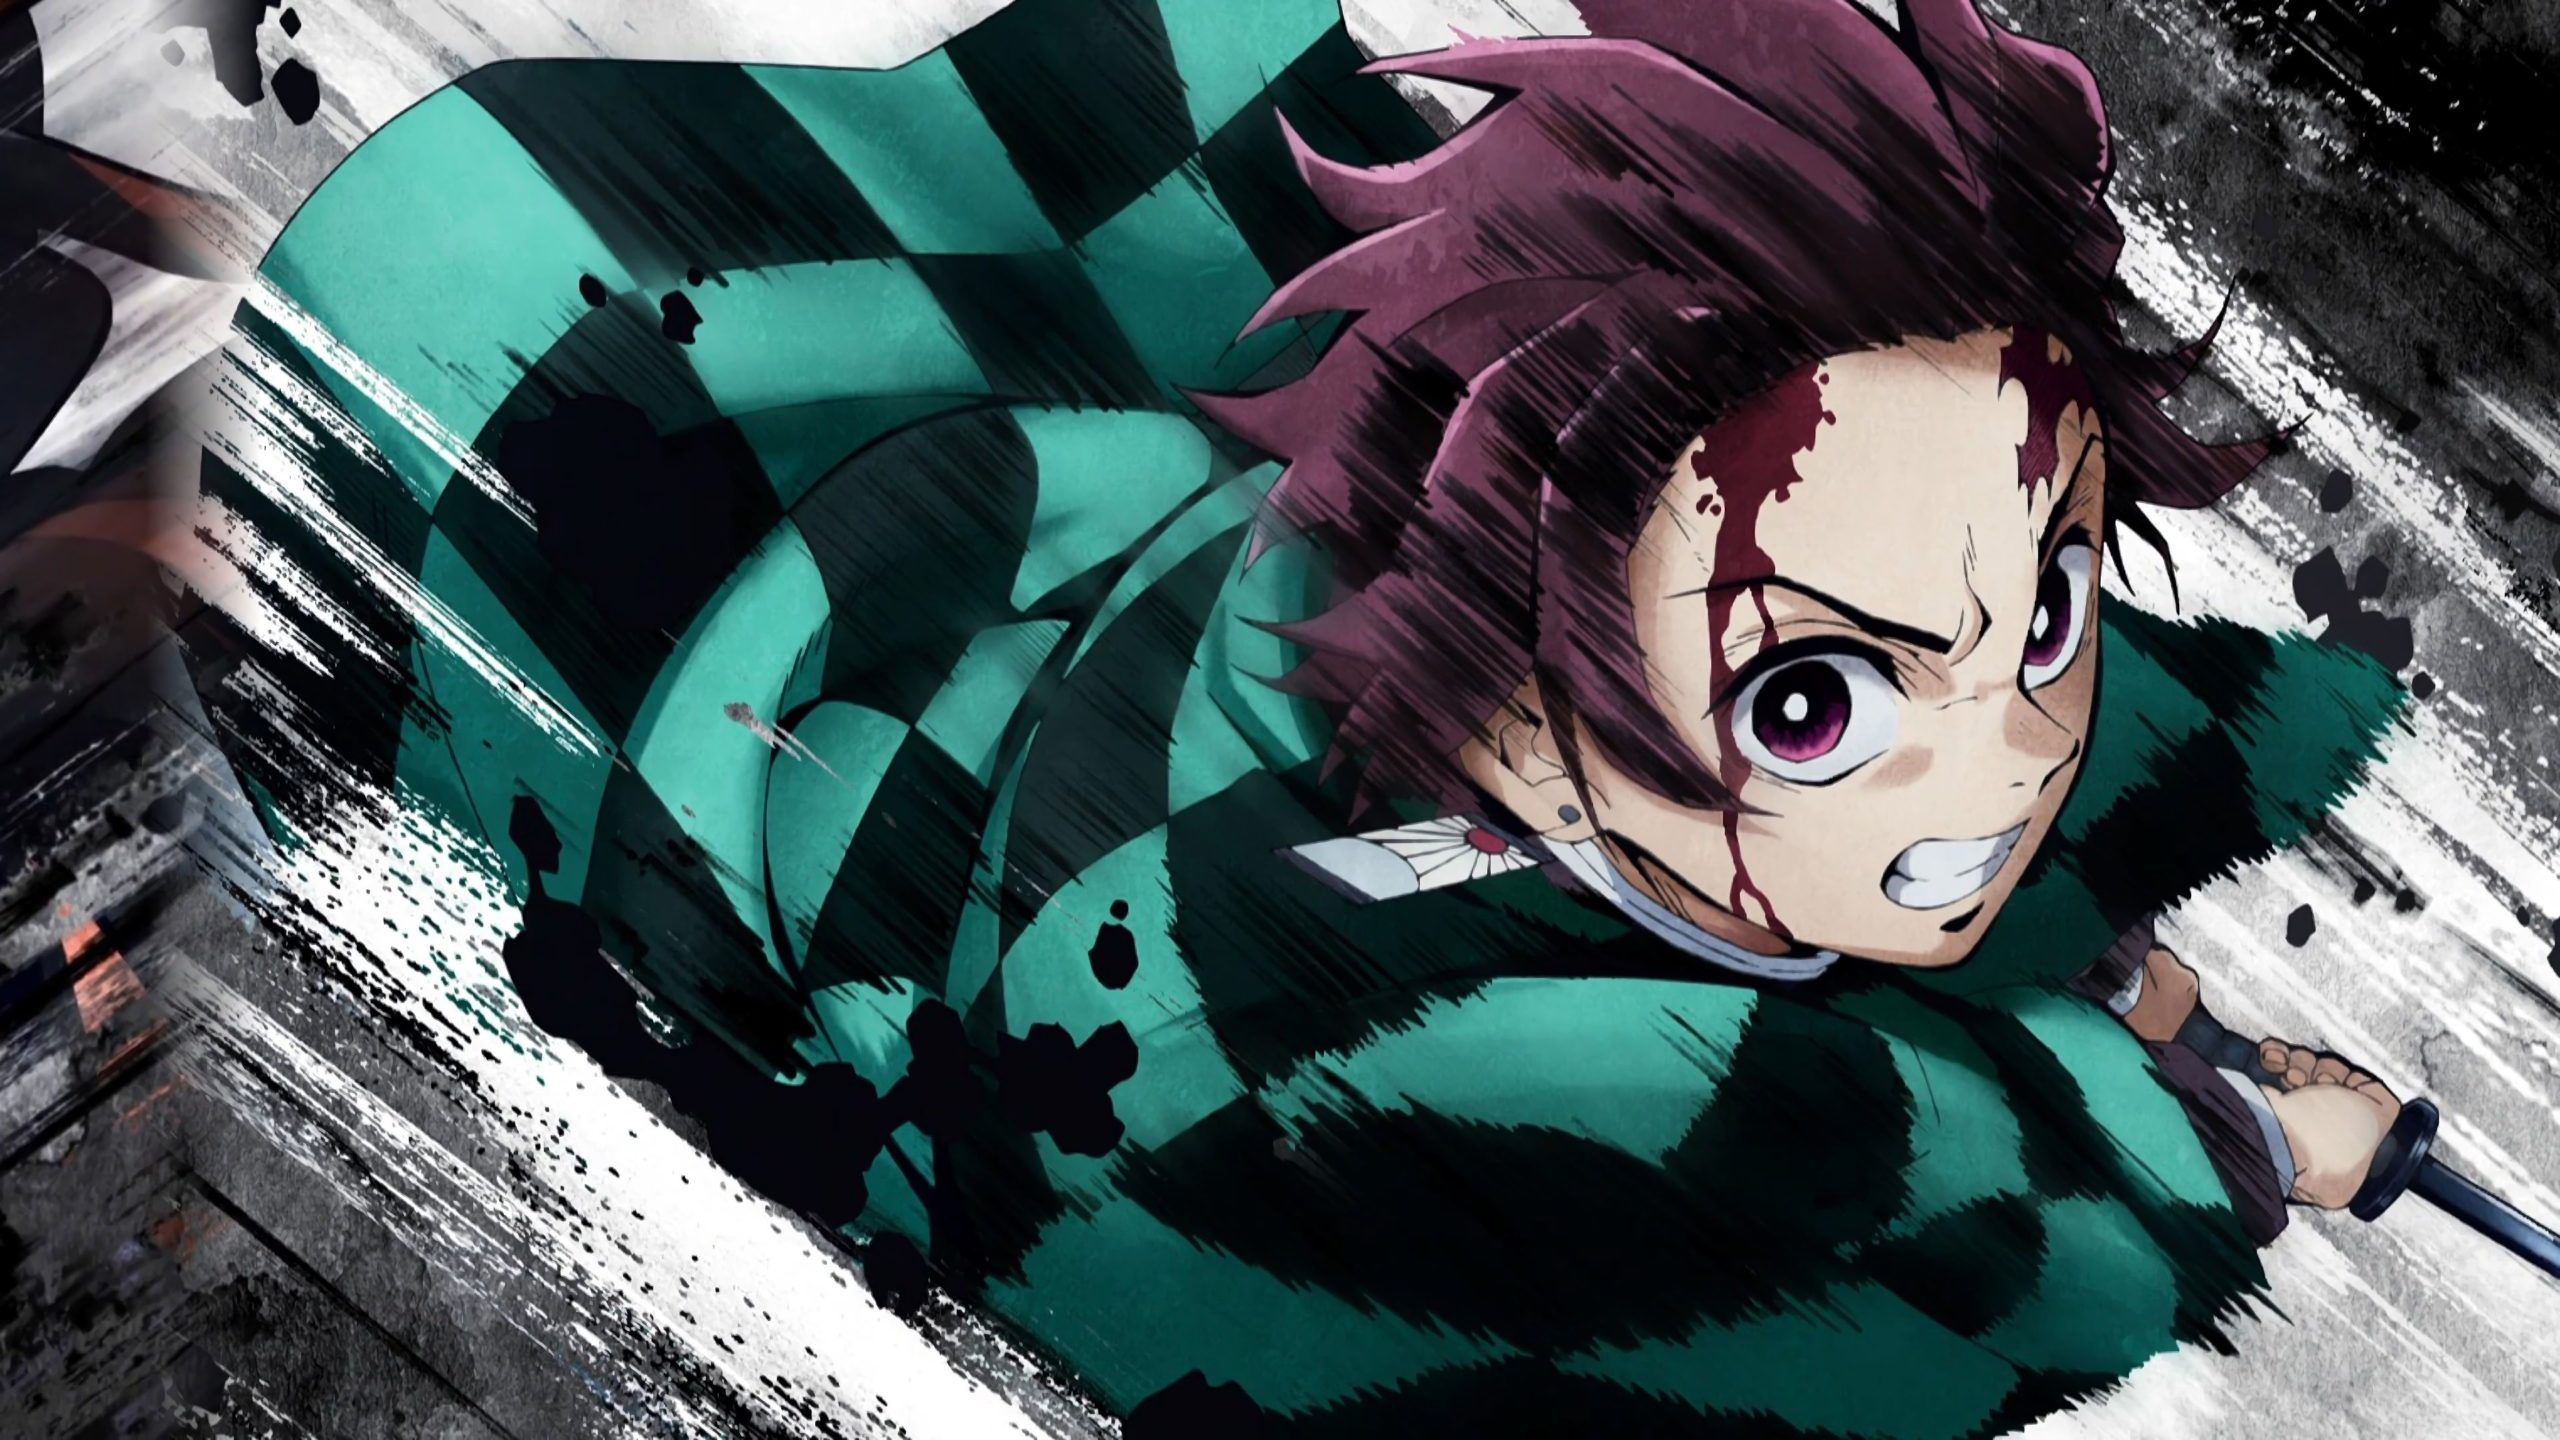 Kimetsu No Yaiba Wallpaper Hd Pc Tanjirou Kamado Kimetsu No Yaiba 4k Wallpaper Kamado Kimetsu Tanjirou Wallpaper Yaib Slayer Anime Anime Demon Demon